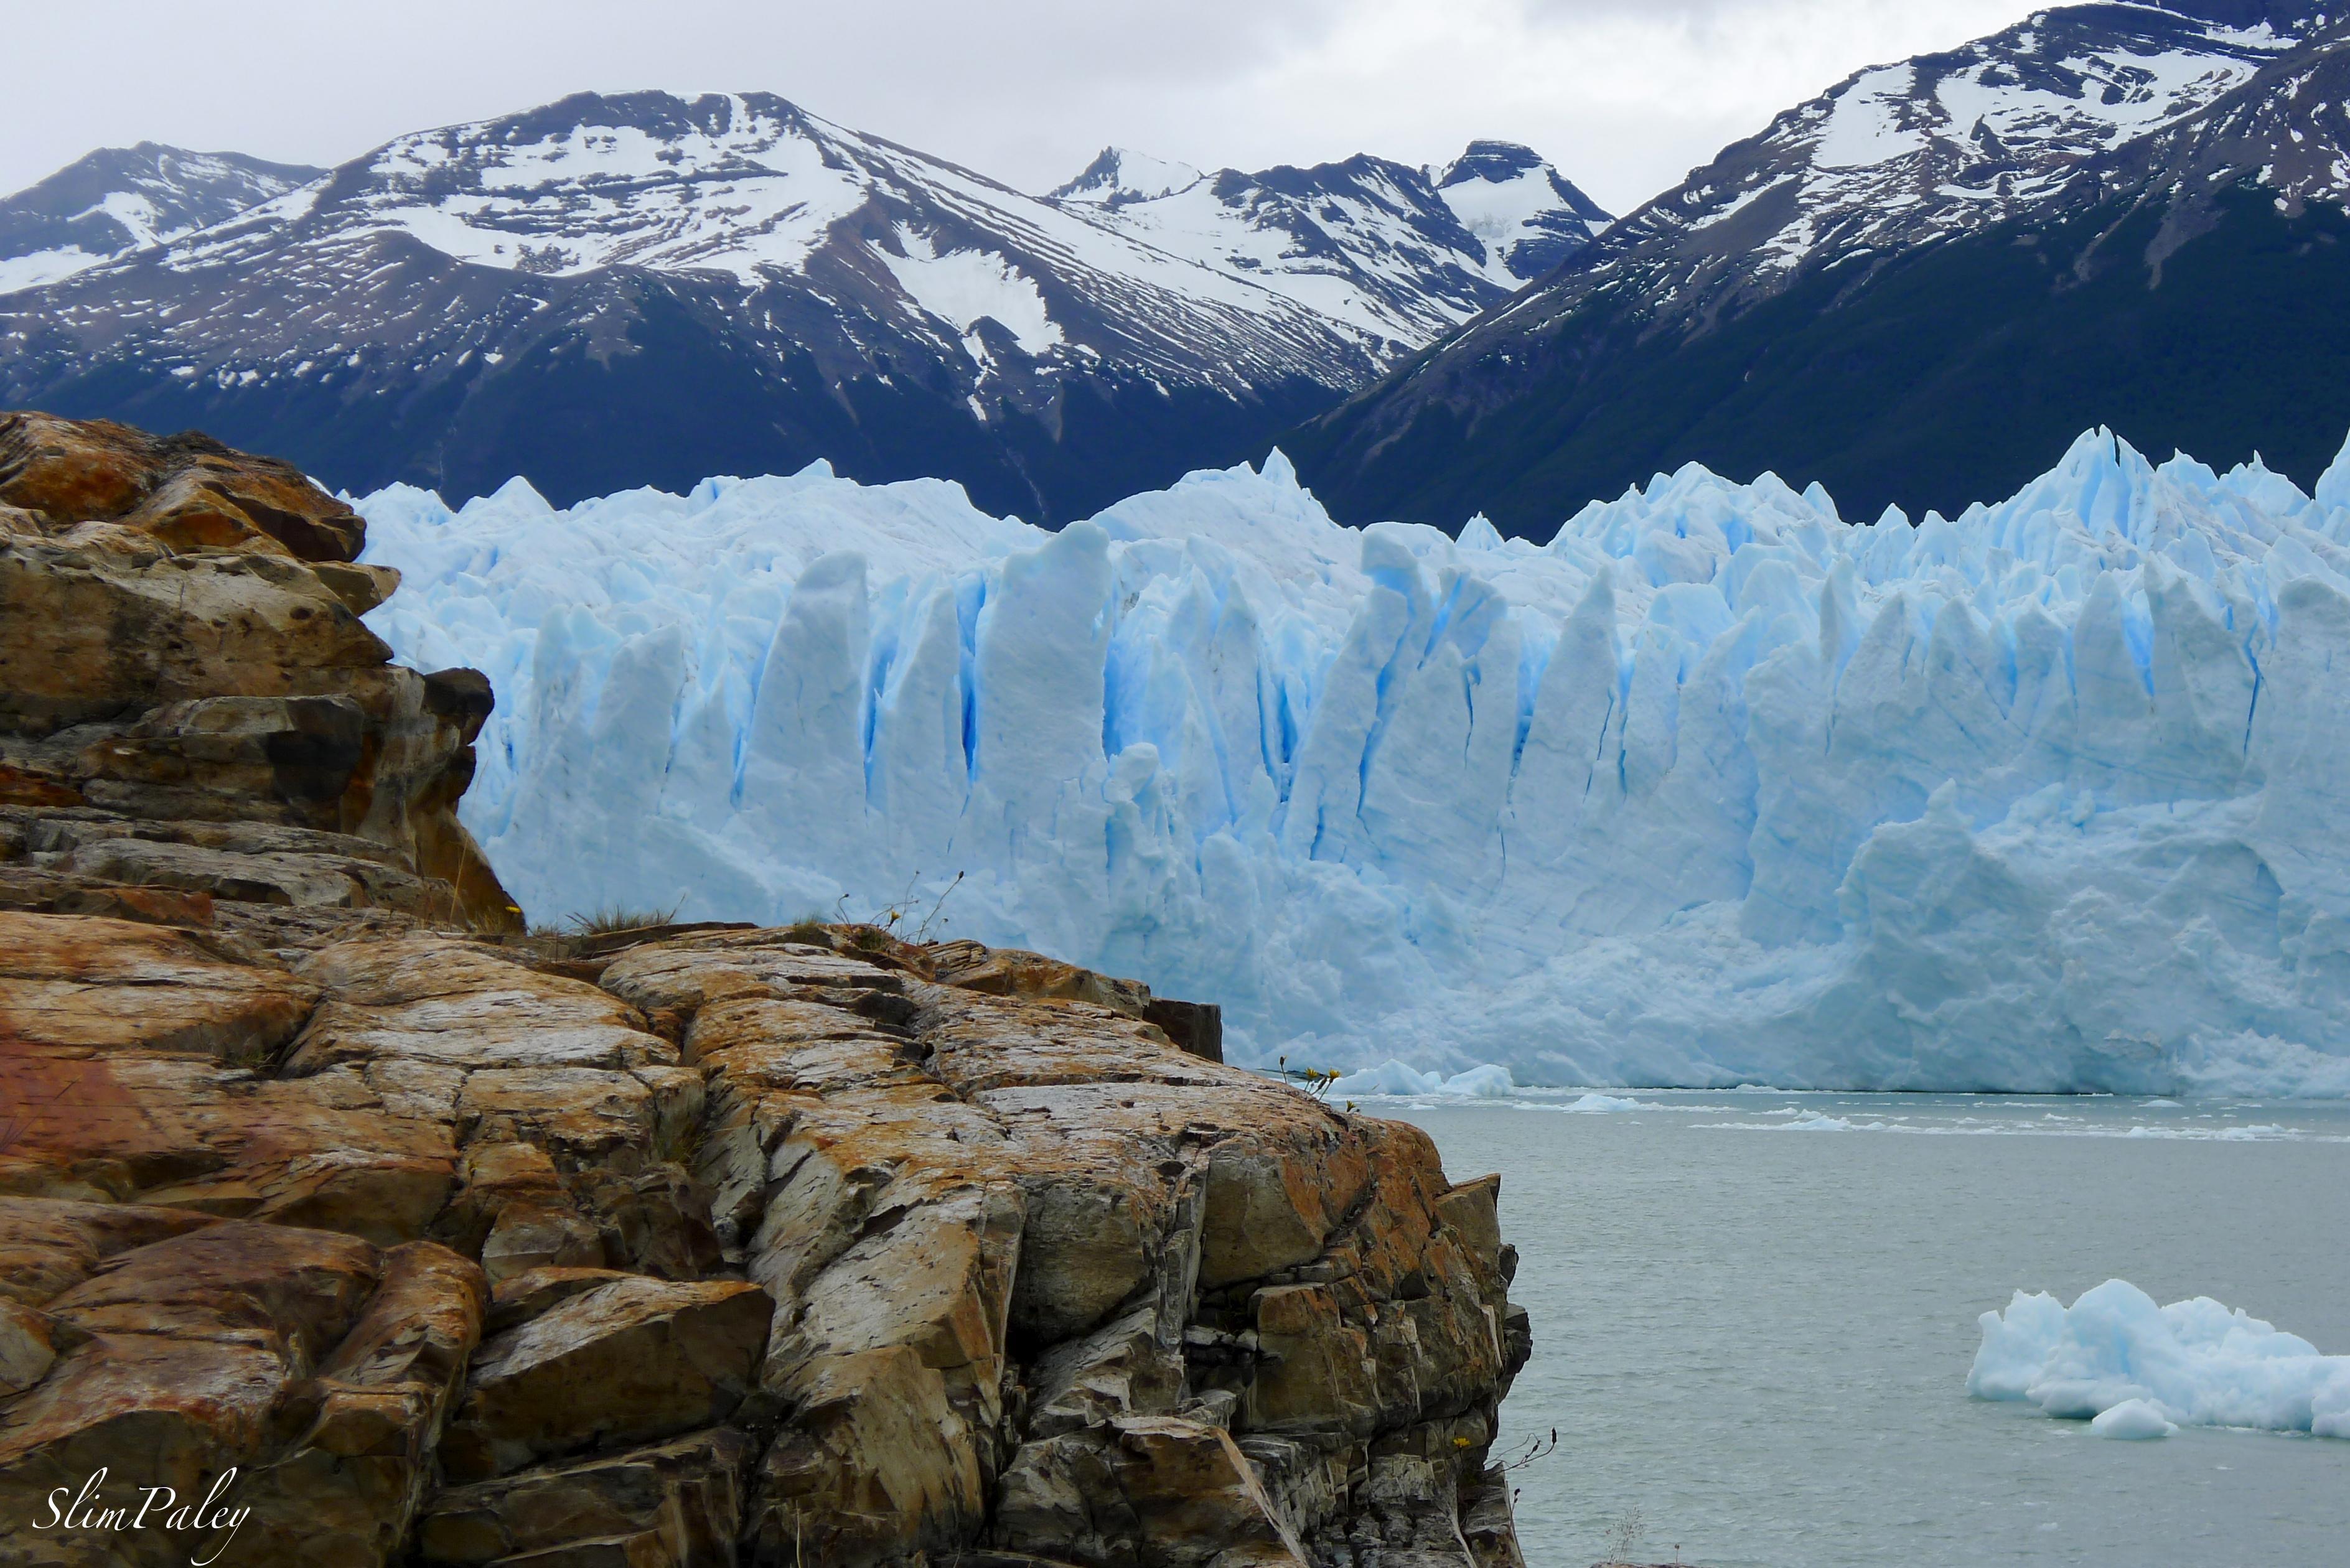 Perito Moreno Glacier slimpaley.com